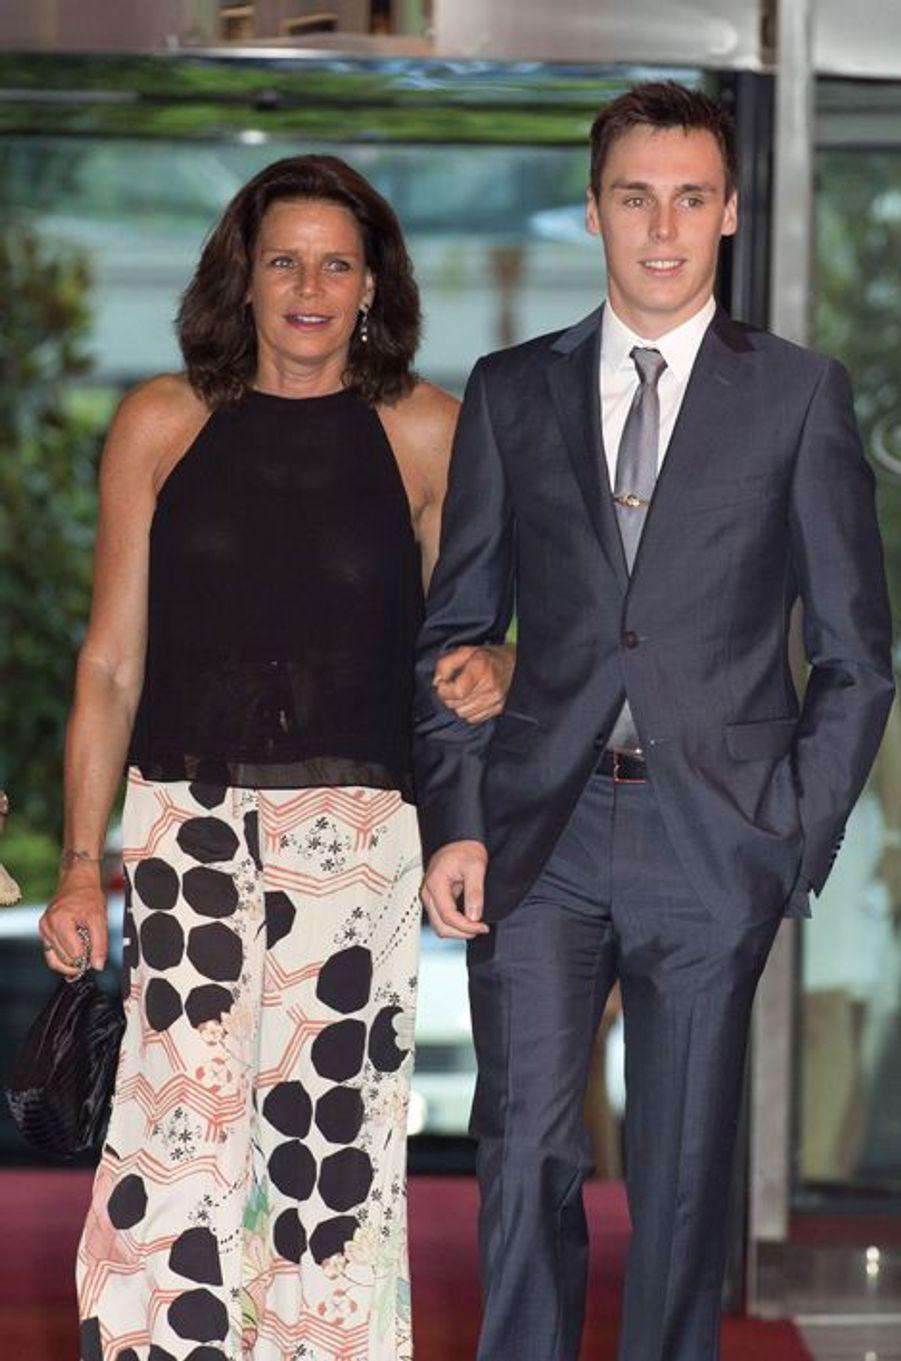 La princesse Stéphanie de Monaco et son fils Louis au gala de la fondation Fight Aids